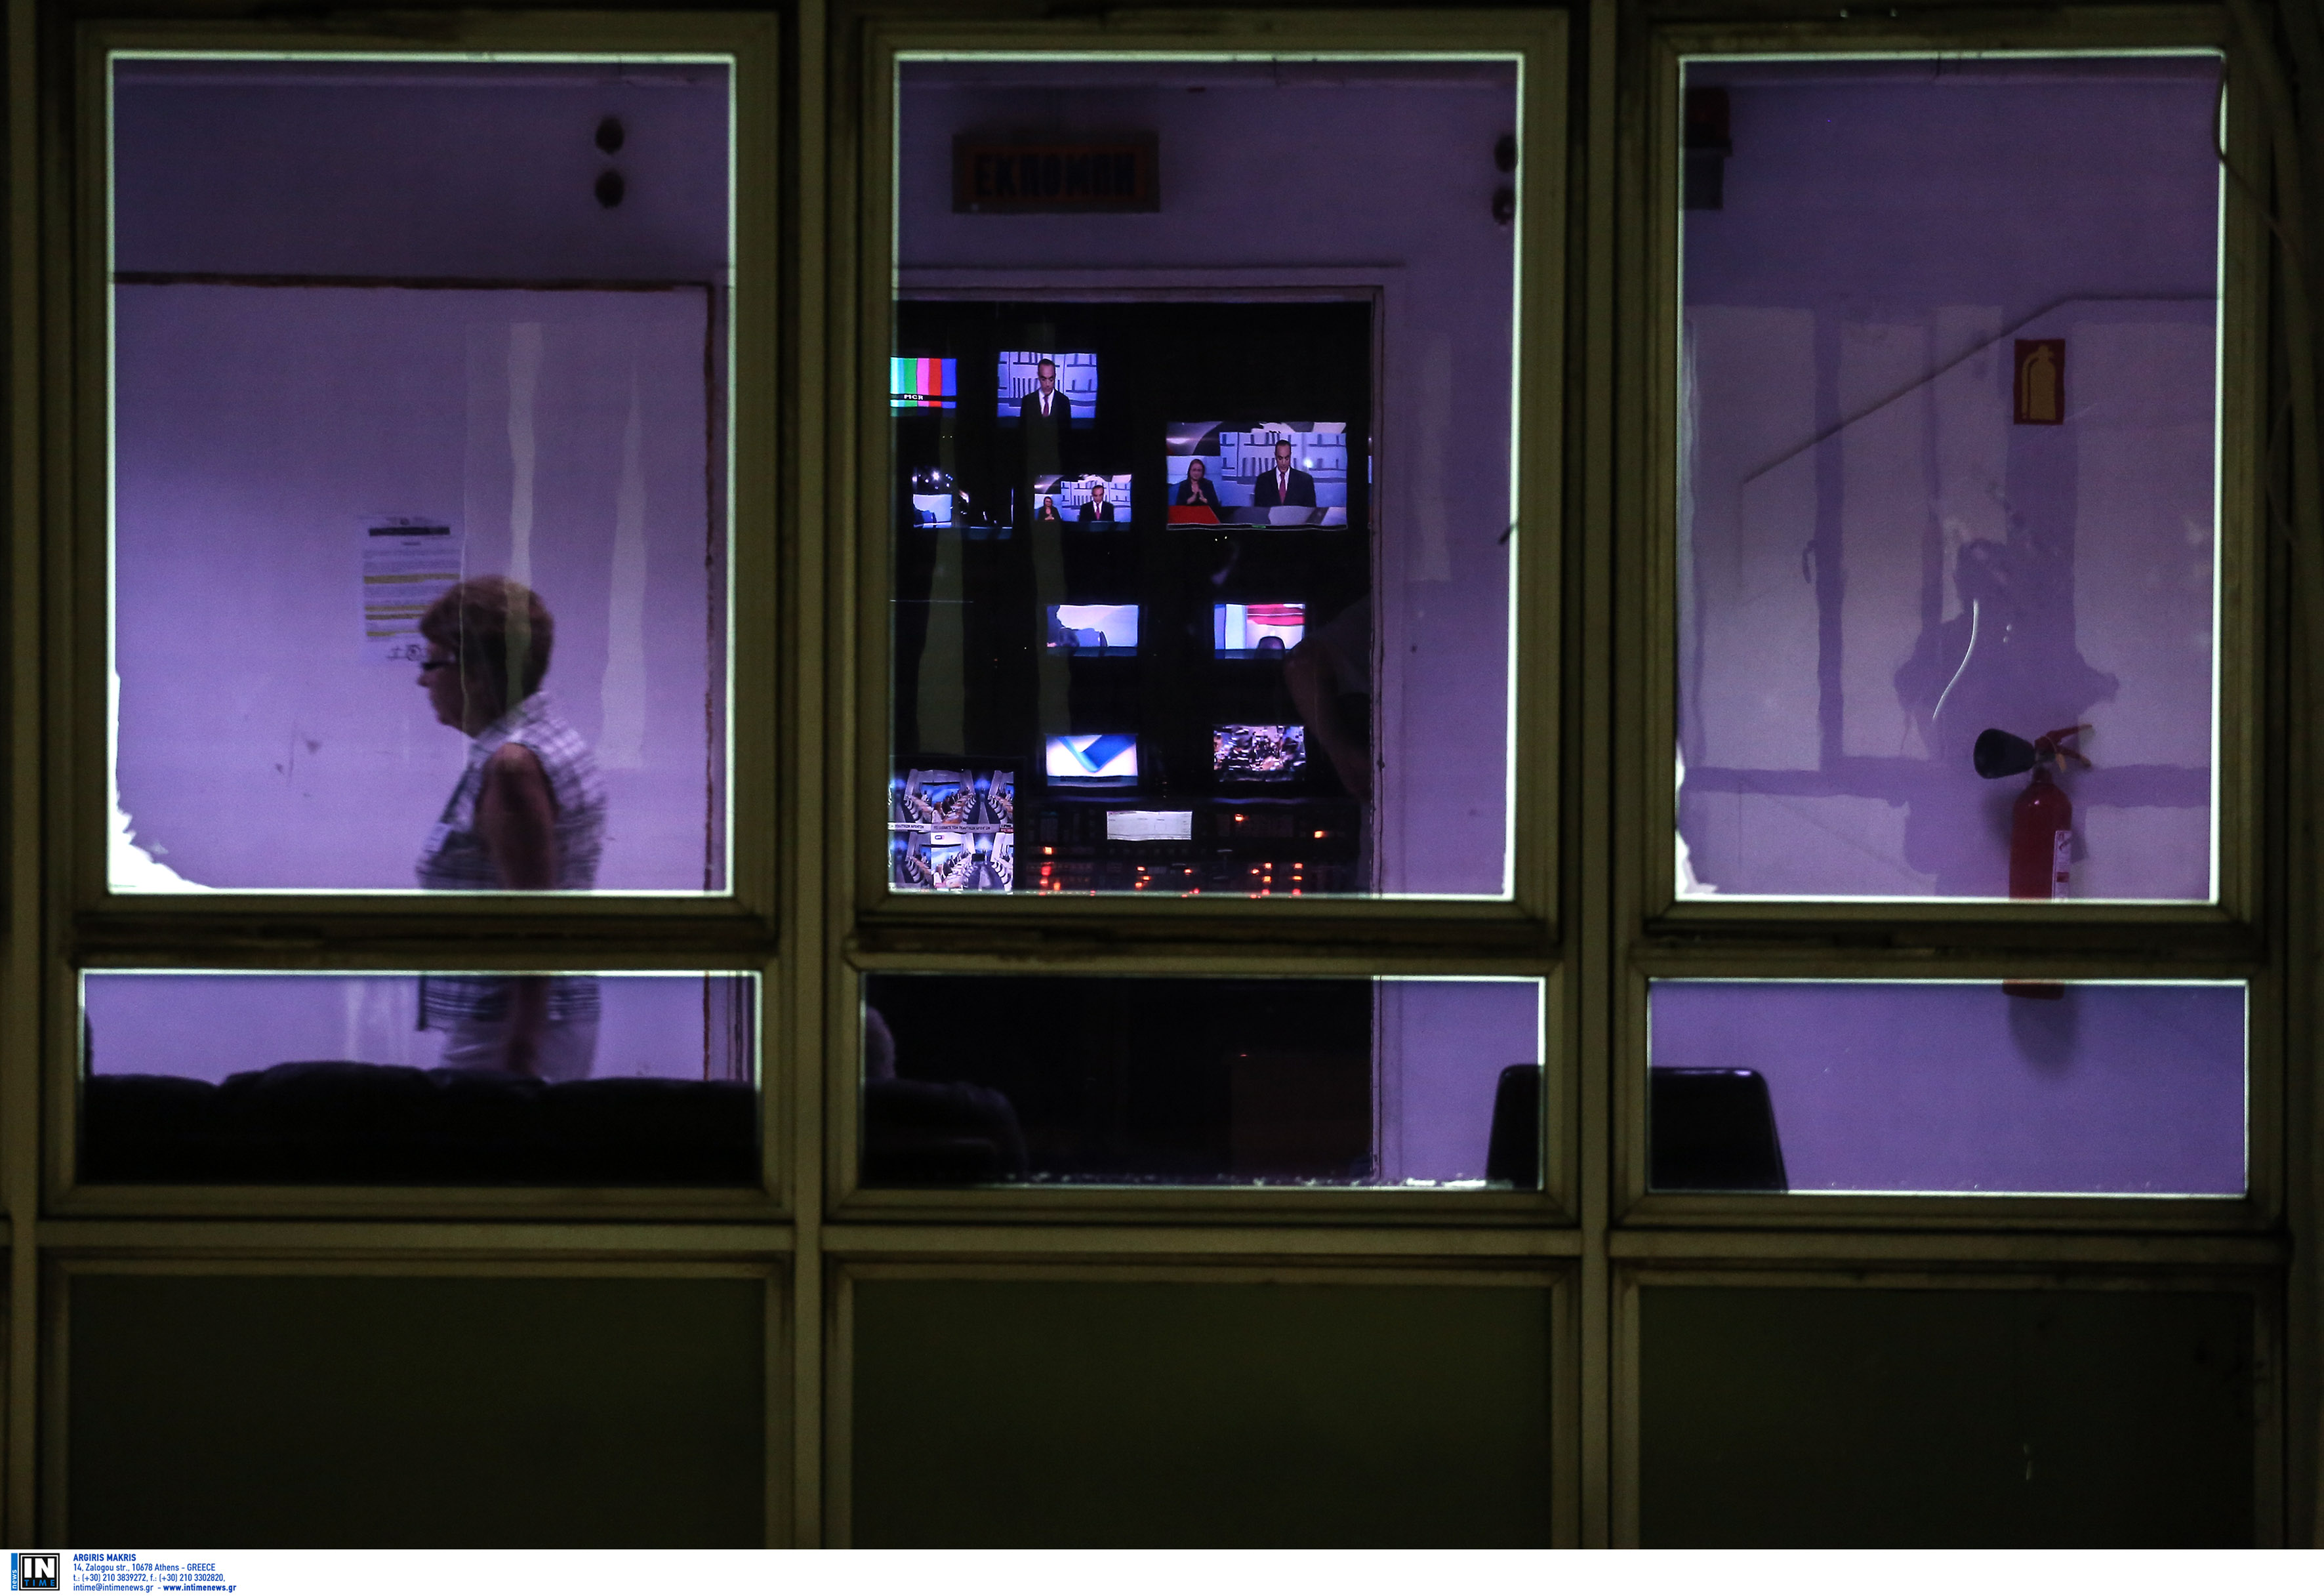 Δελτία Ειδήσεων: τι έγινε στη μάχη της τηλεθέασης τη φετινή σεζόν